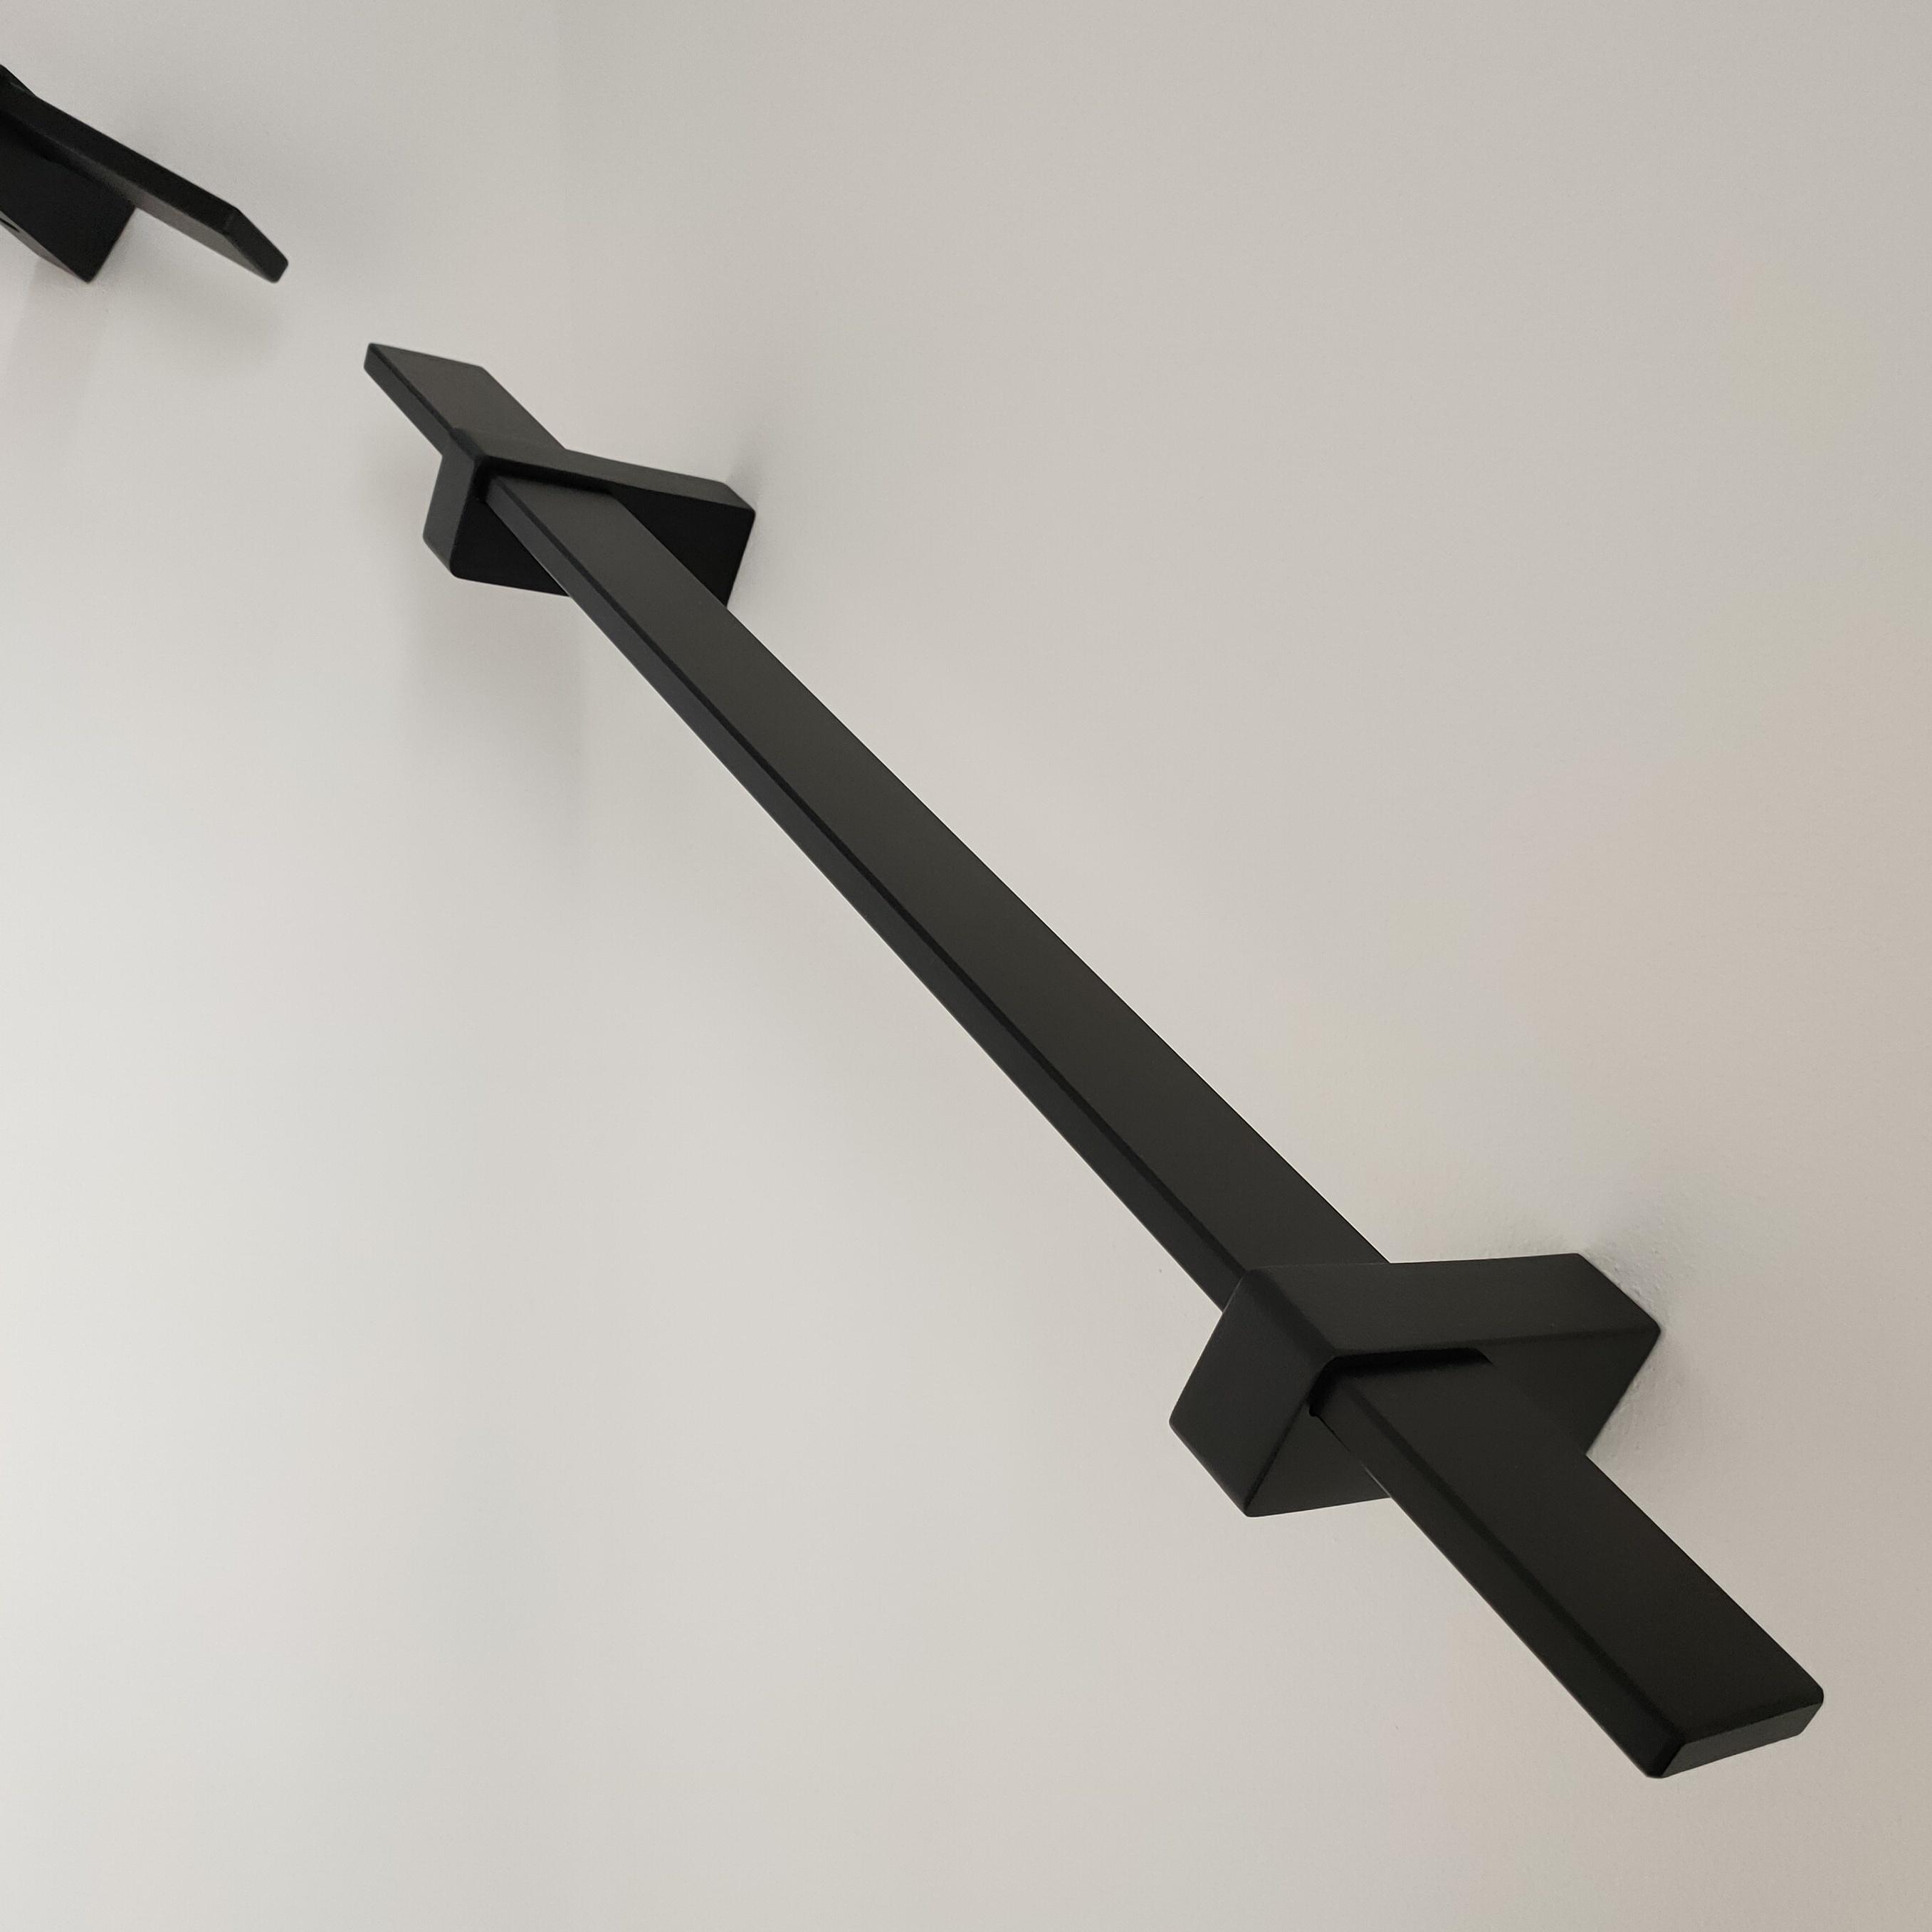 Zwarte trapleuning gecoat vierkant 40*10 incl. dragers TYPE 13 SCHUIF - poedercoating RAL 9005 mat zwart